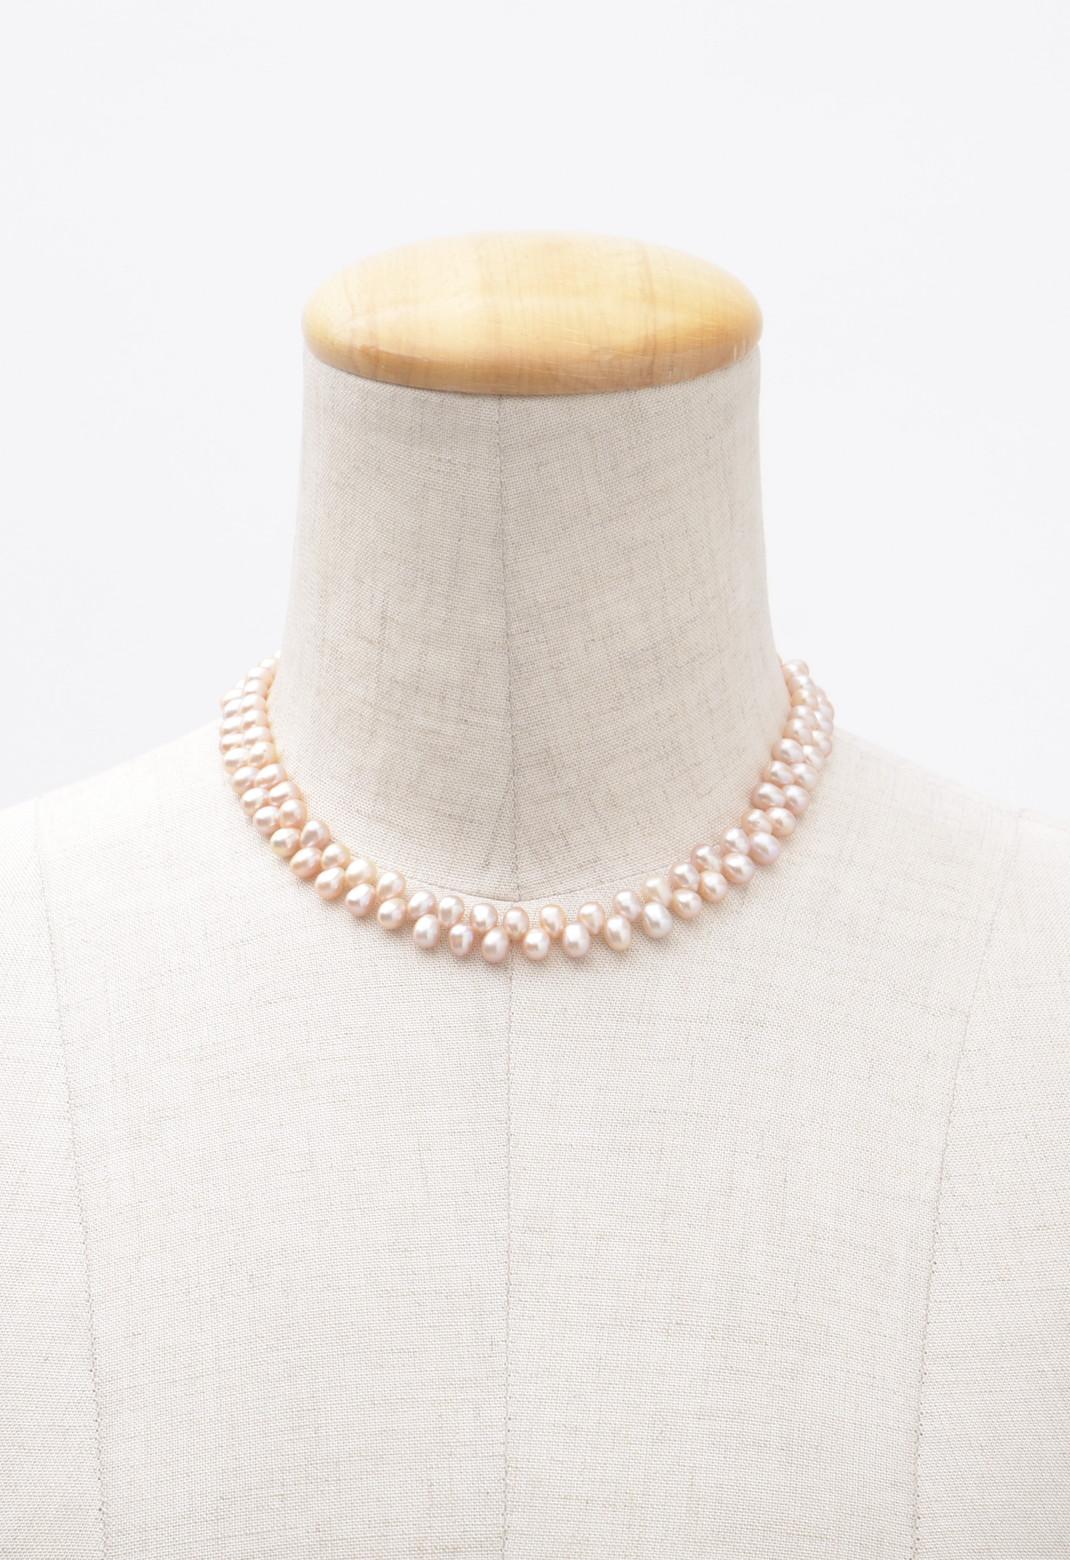 オーバルピンクパール チョーカータイプ ネックレス